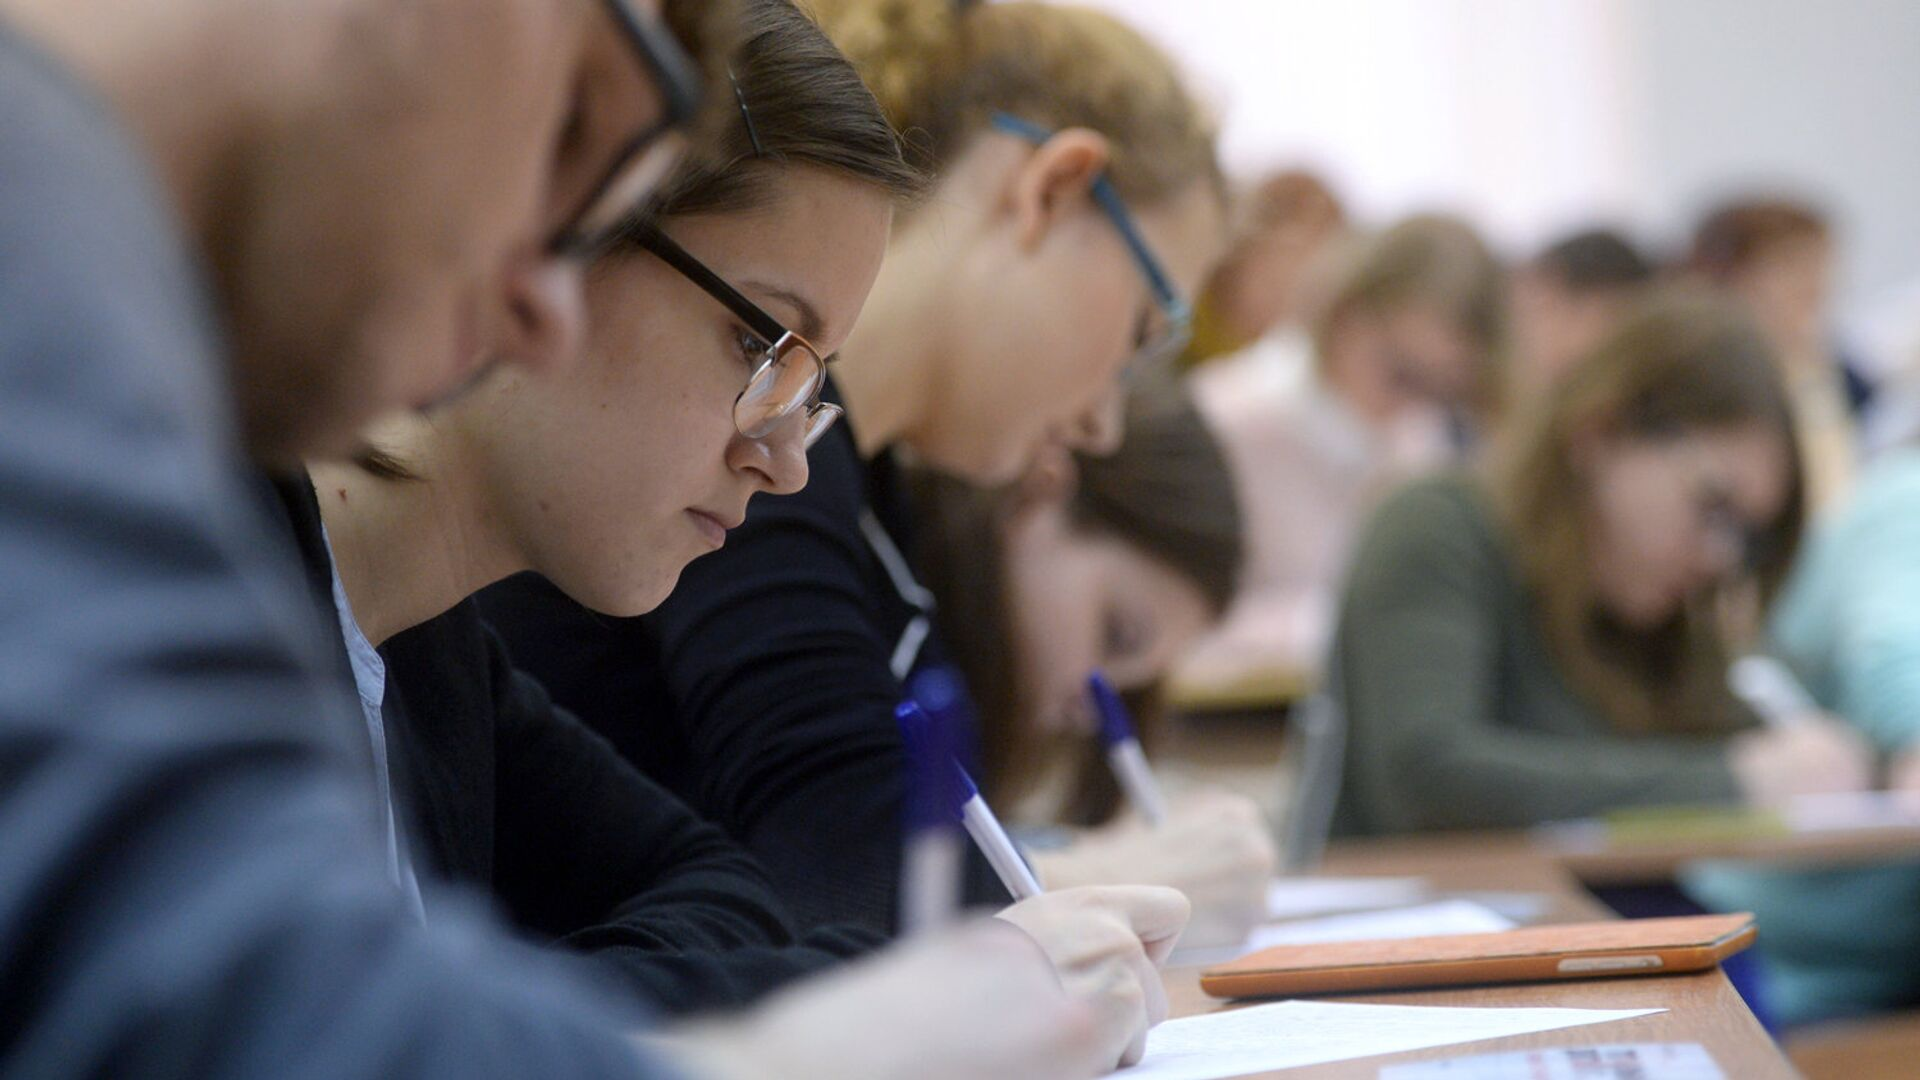 Финальный этап Всероссийской олимпиады школьников по экономике пройдет с 15 по 21 апреля - РИА Новости, 1920, 09.03.2021